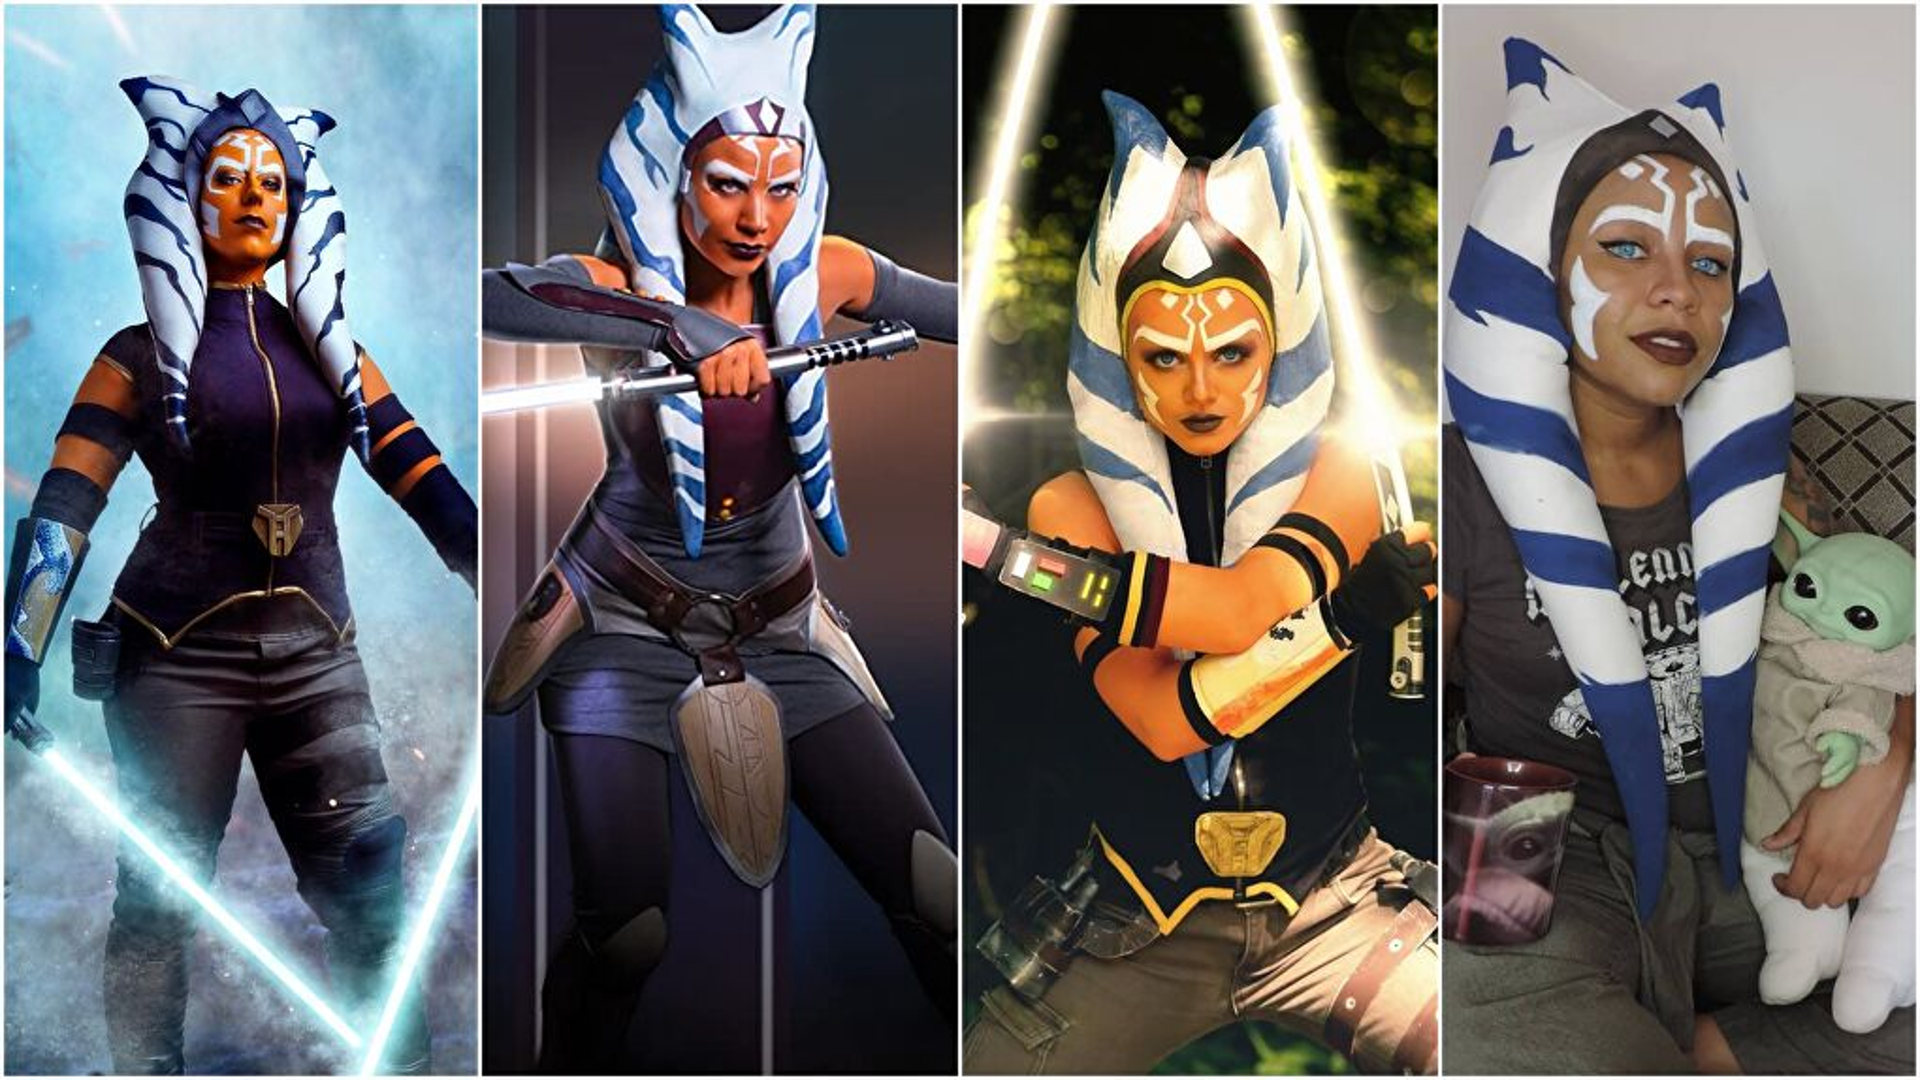 Ahsoka Cosplayers - The Mandalorian, Rebels, and Clone Wars